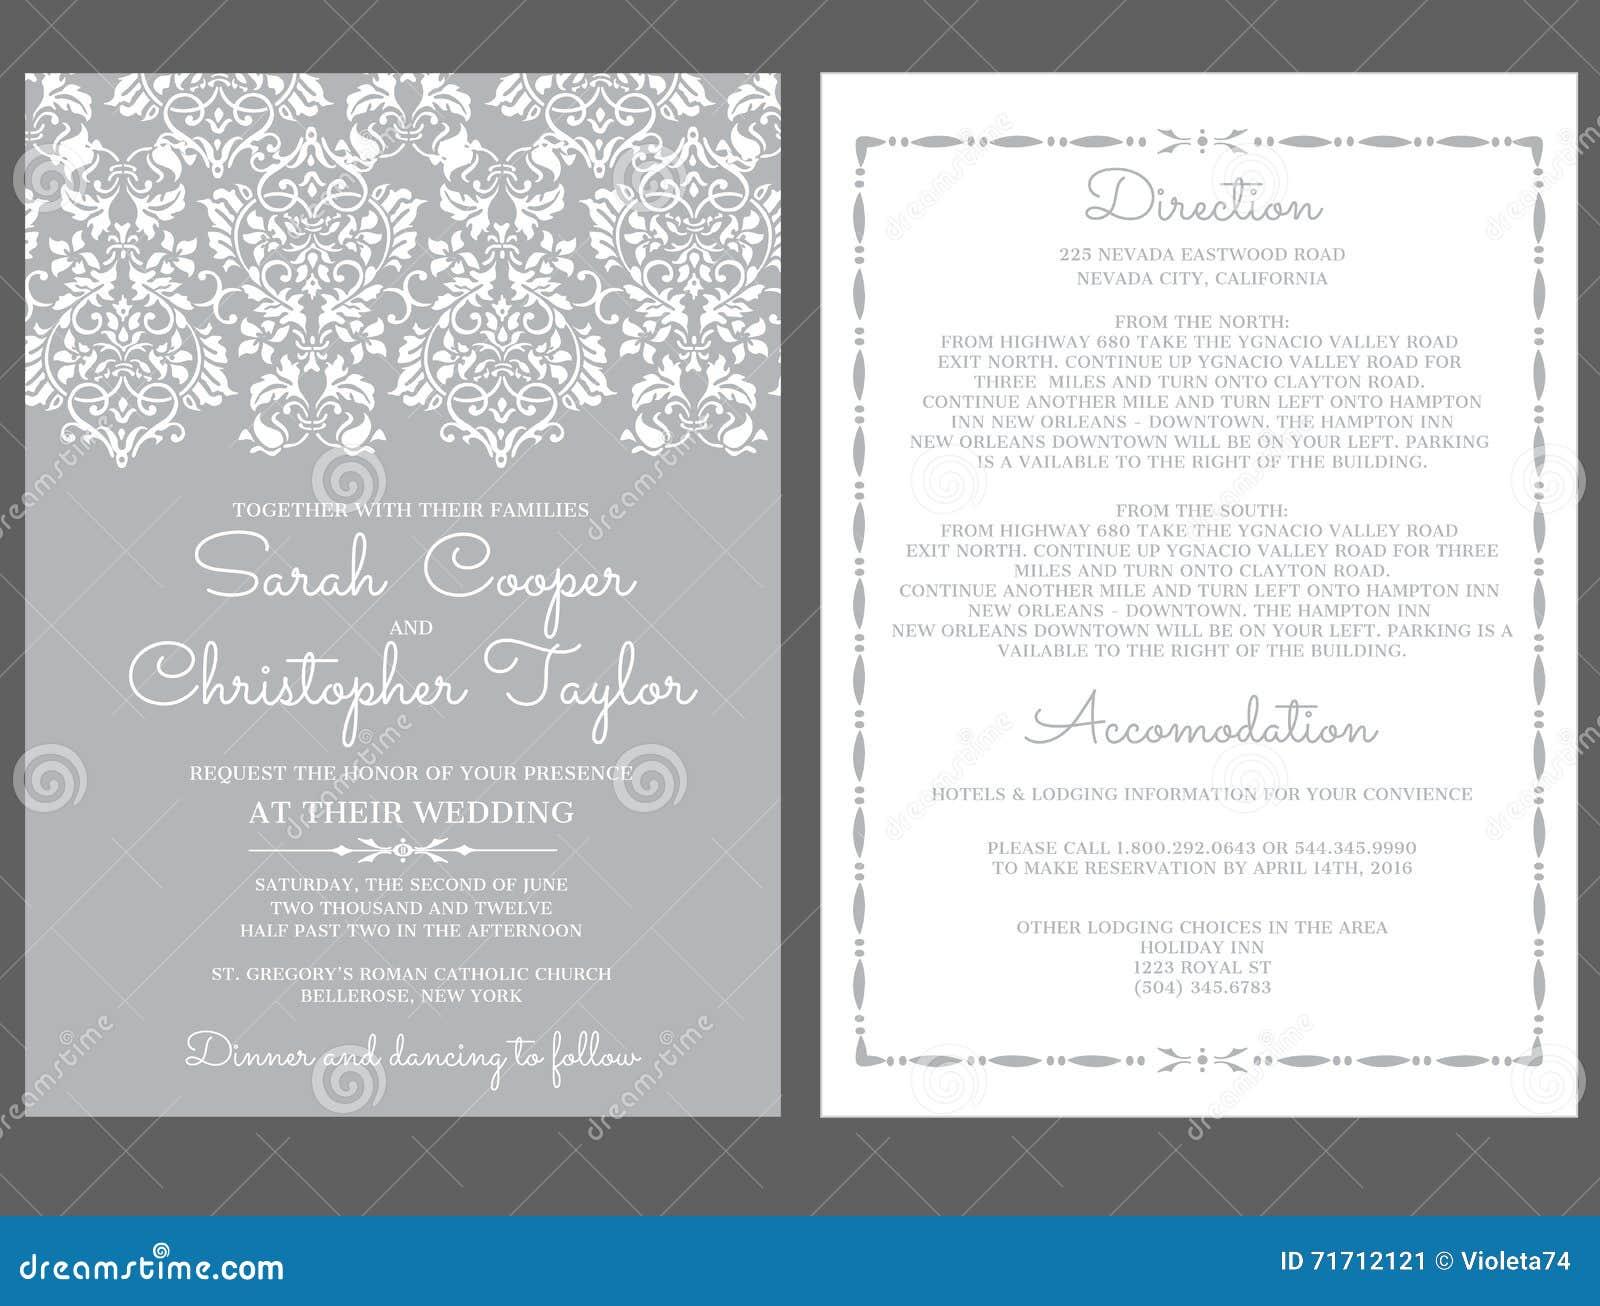 Silberhochzeit Einladungs Karten Einladung Mit Verzierungen Vektor,  Einladungen